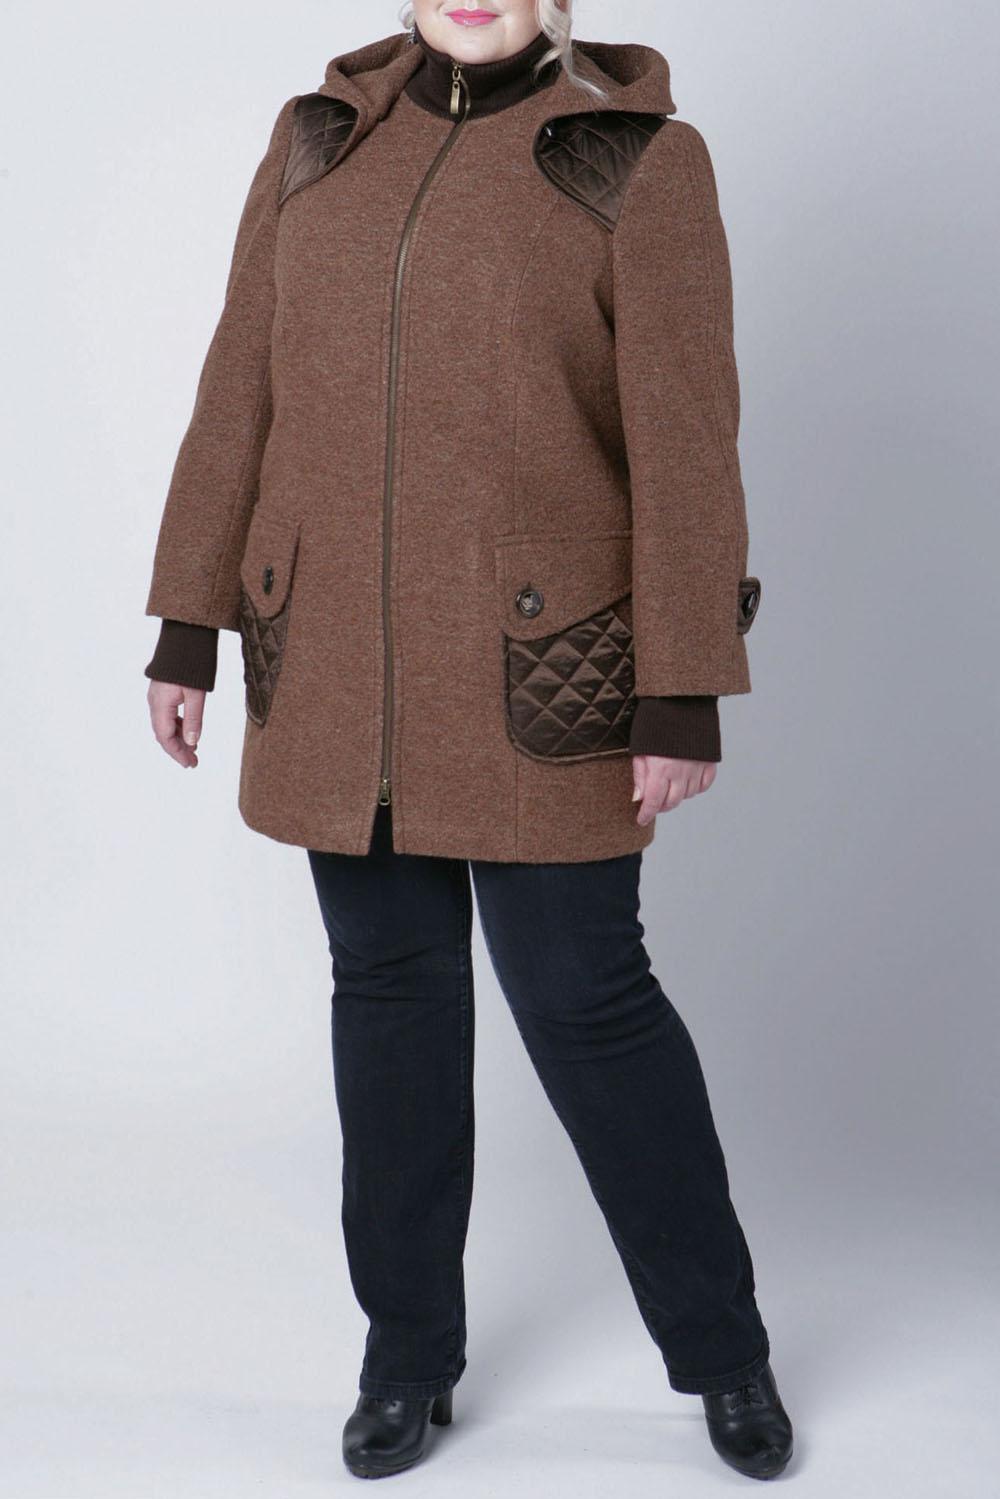 КурткаКуртки<br>Интресная куртка выполнена из пальтовой ткани и фактурной болоньи. Отличный выбор для повседневного гардероба.  Цвет: коричневый  Рост девушки-фотомодели 172 см  Параметры изделия: 68 размер: объем груди 72 см., ширина плеча 14 см., длина рукава 62 см.+10 см. загиб, длина спинки 87 см., объем талии 77 см.<br><br>Воротник: Стойка<br>Застежка: С молнией<br>По материалу: Шерсть<br>По рисунку: Однотонные,Фактурный рисунок<br>По силуэту: Прямые<br>По стилю: Повседневный стиль<br>По элементам: С декором,С капюшоном,С карманами<br>Рукав: Длинный рукав<br>По сезону: Осень,Весна<br>По длине: Средней длины<br>Размер : 50,52,54,56,60,62,66,68<br>Материал: Пальтовая ткань<br>Количество в наличии: 8